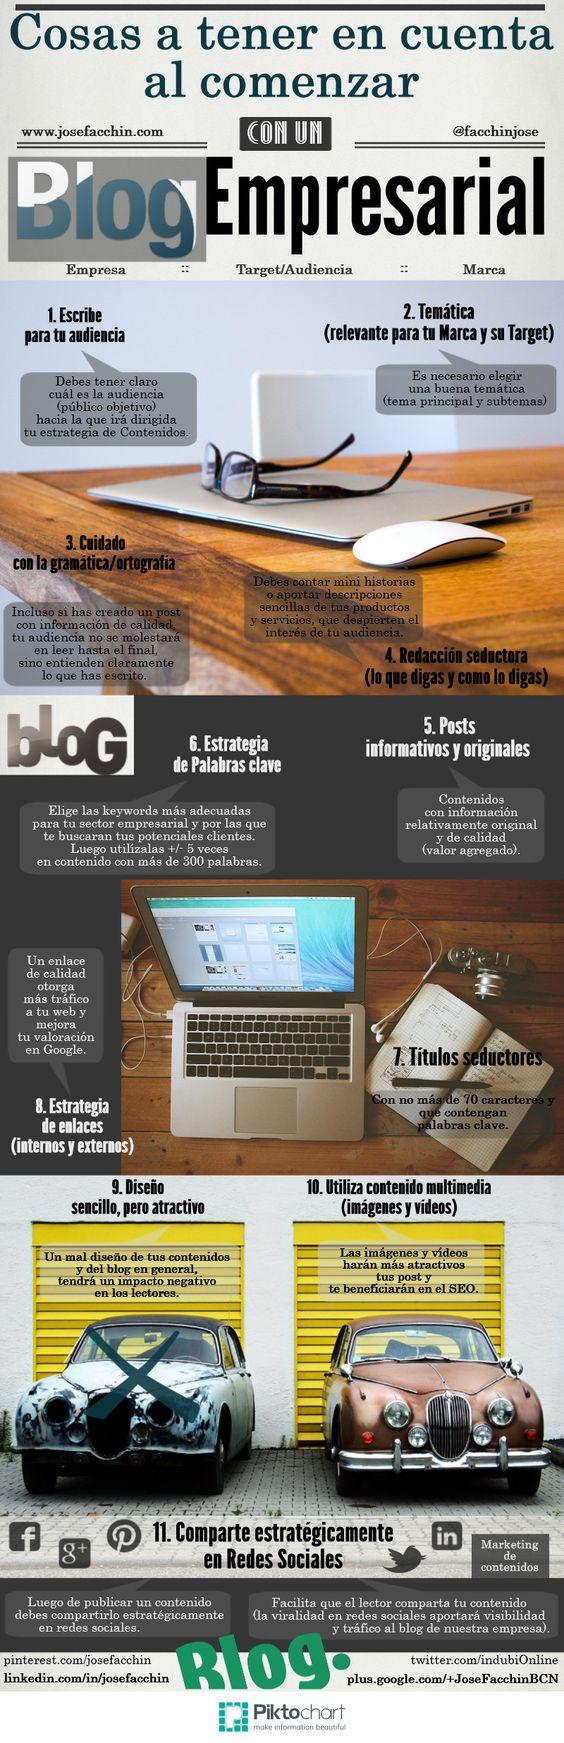 ¿Qué debes tener en cuenta al comenzar con un Blog empresarial? #infografía